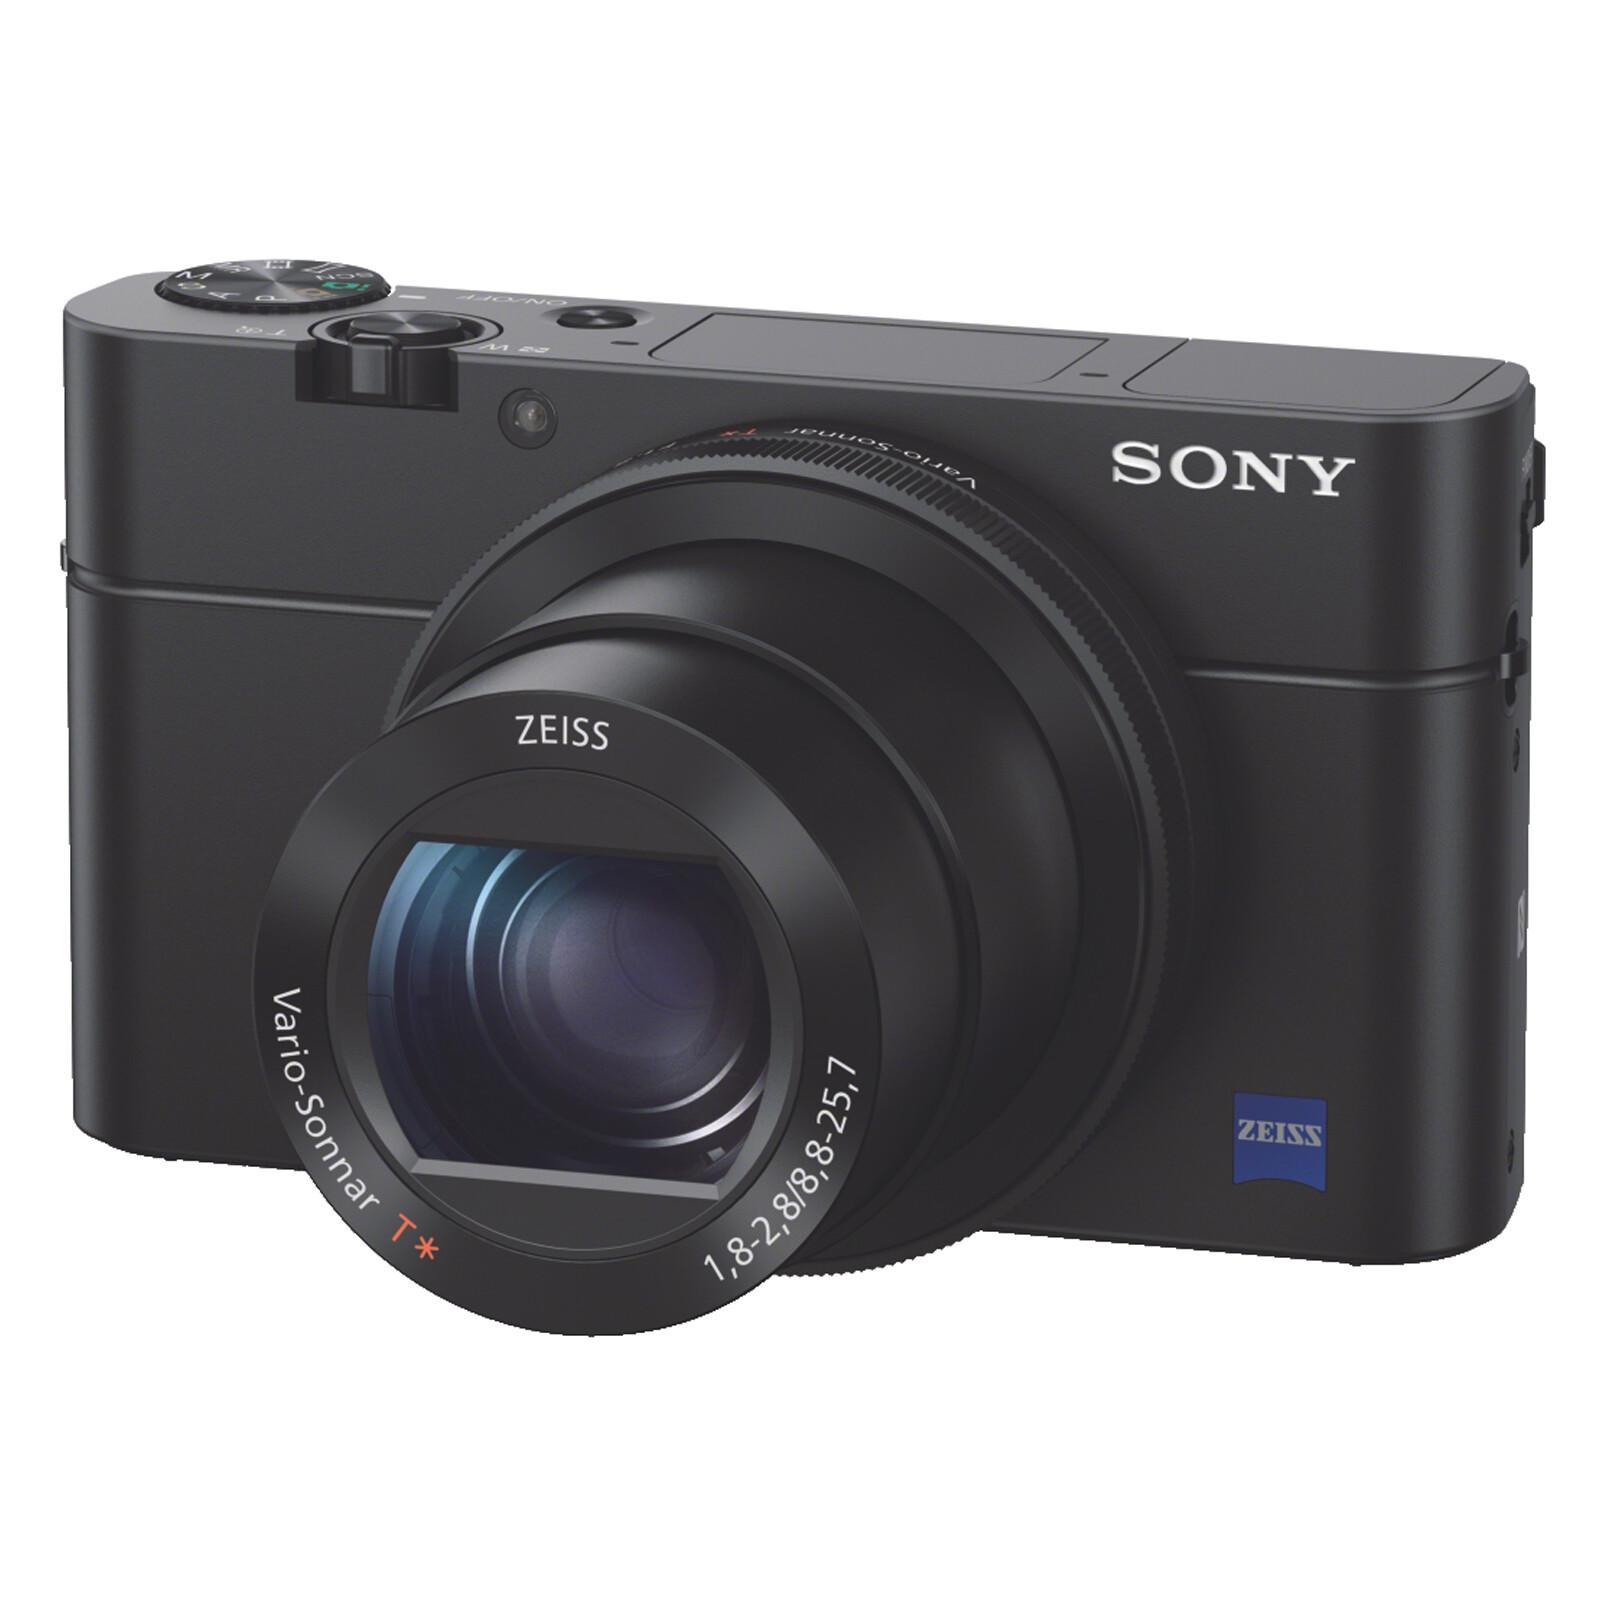 Sony DSC-RX 100 M3 CyberShot